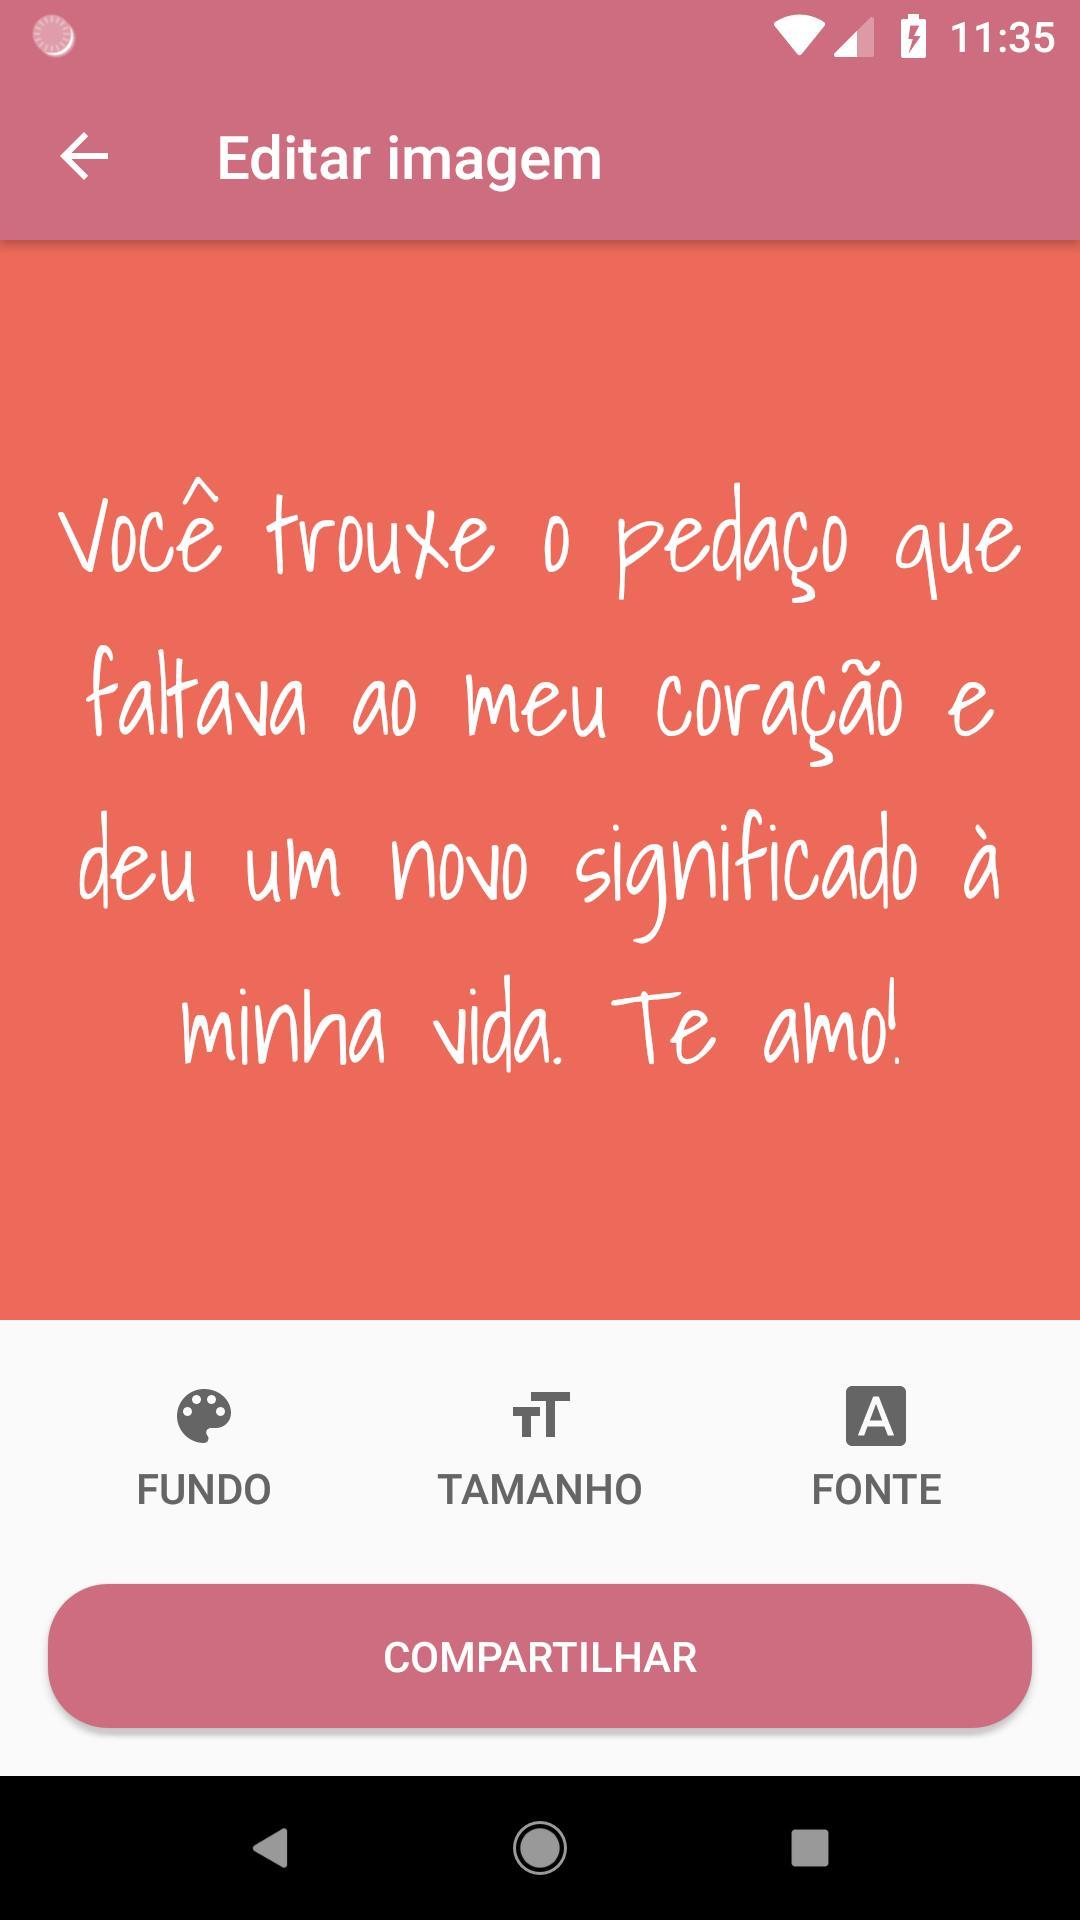 Frases De Amor Prontas Para Whatsapp E Facebook For Android